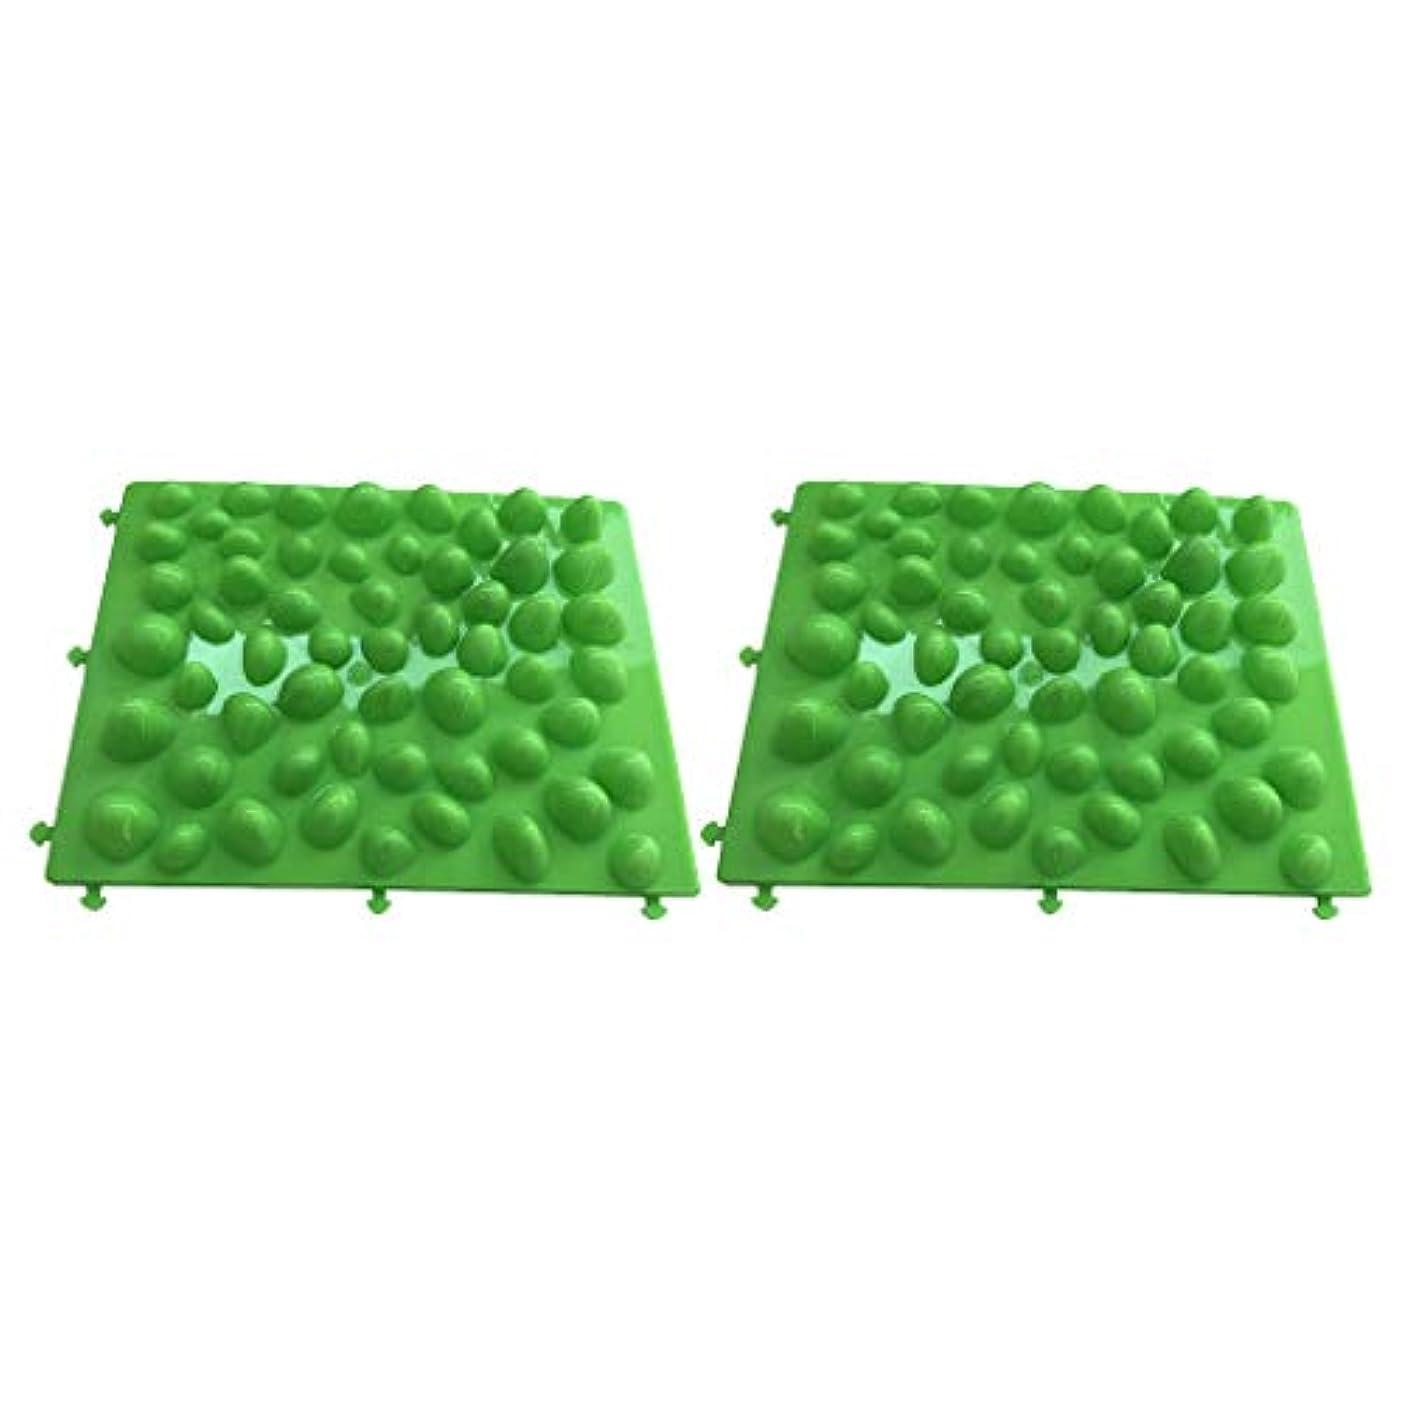 緊張する生じる提唱するB Blesiya フットマッサージ 足のマッサージパッド フットマット プラスチック製石 血行促進 フットケア 2個入